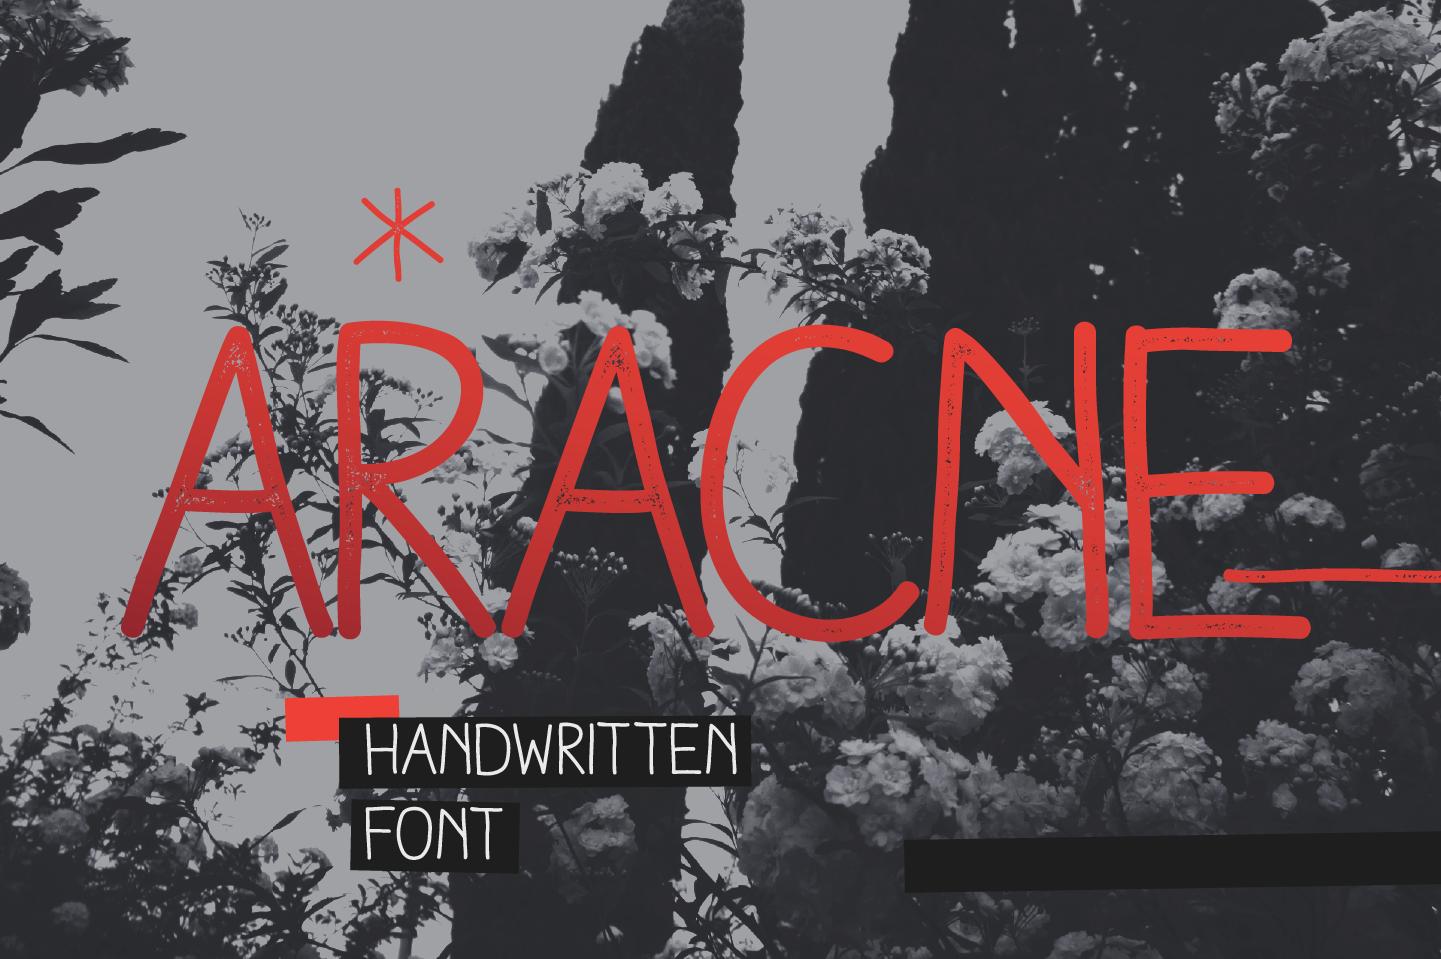 Aracne Font Download